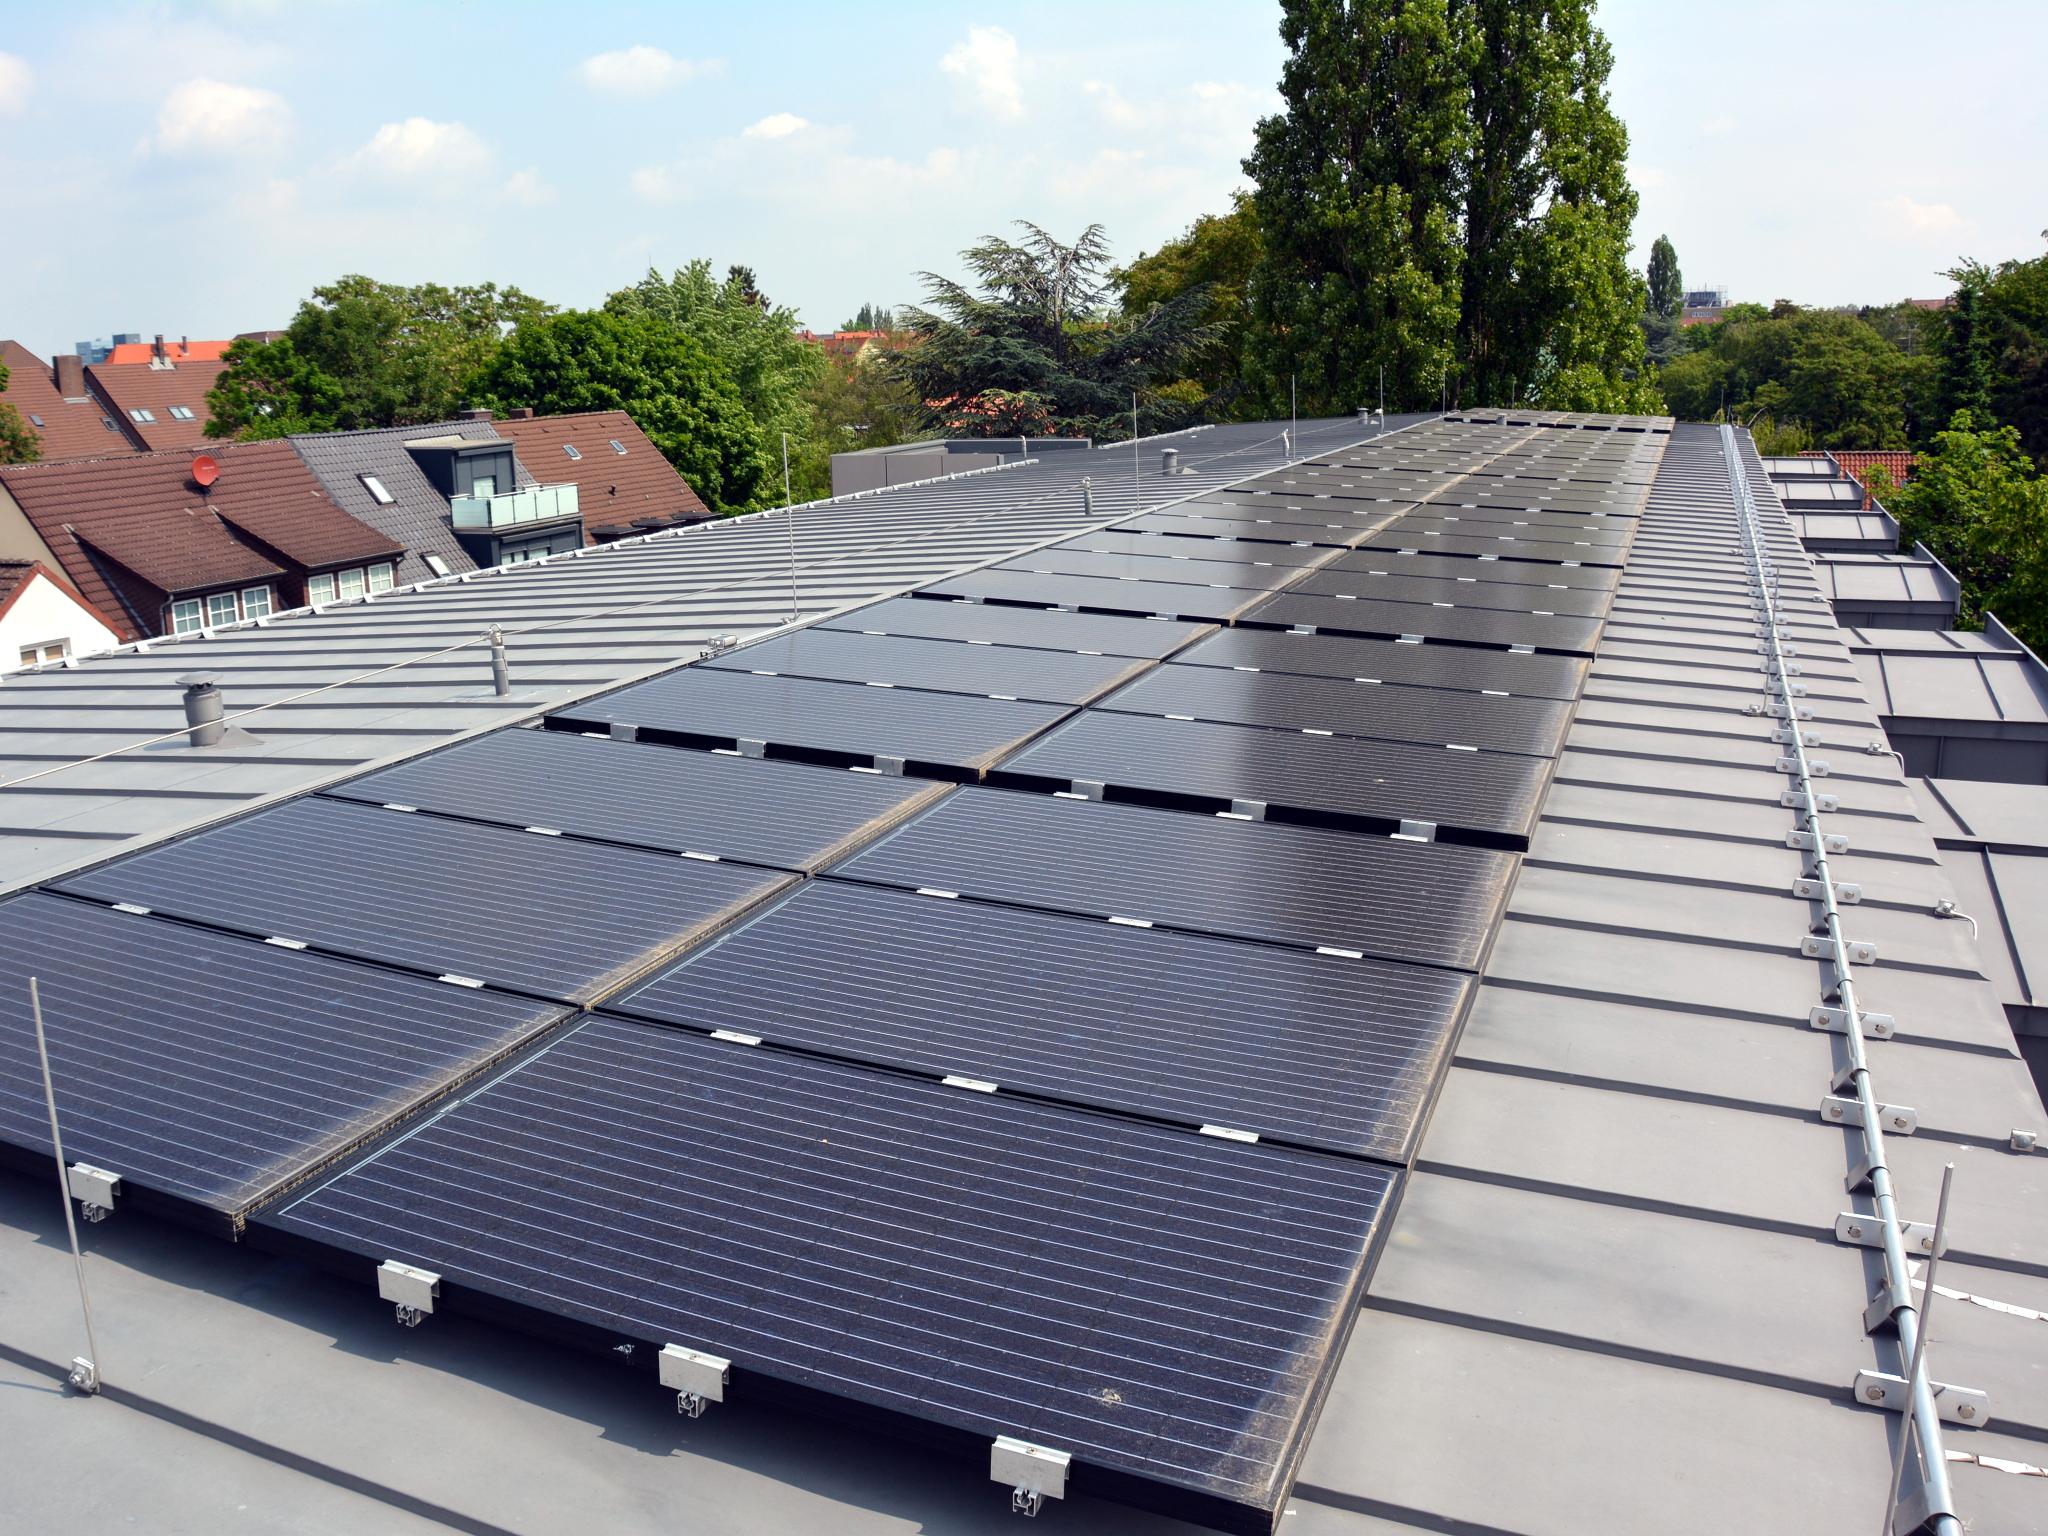 Solarkollektoren auf einem Metalldach.